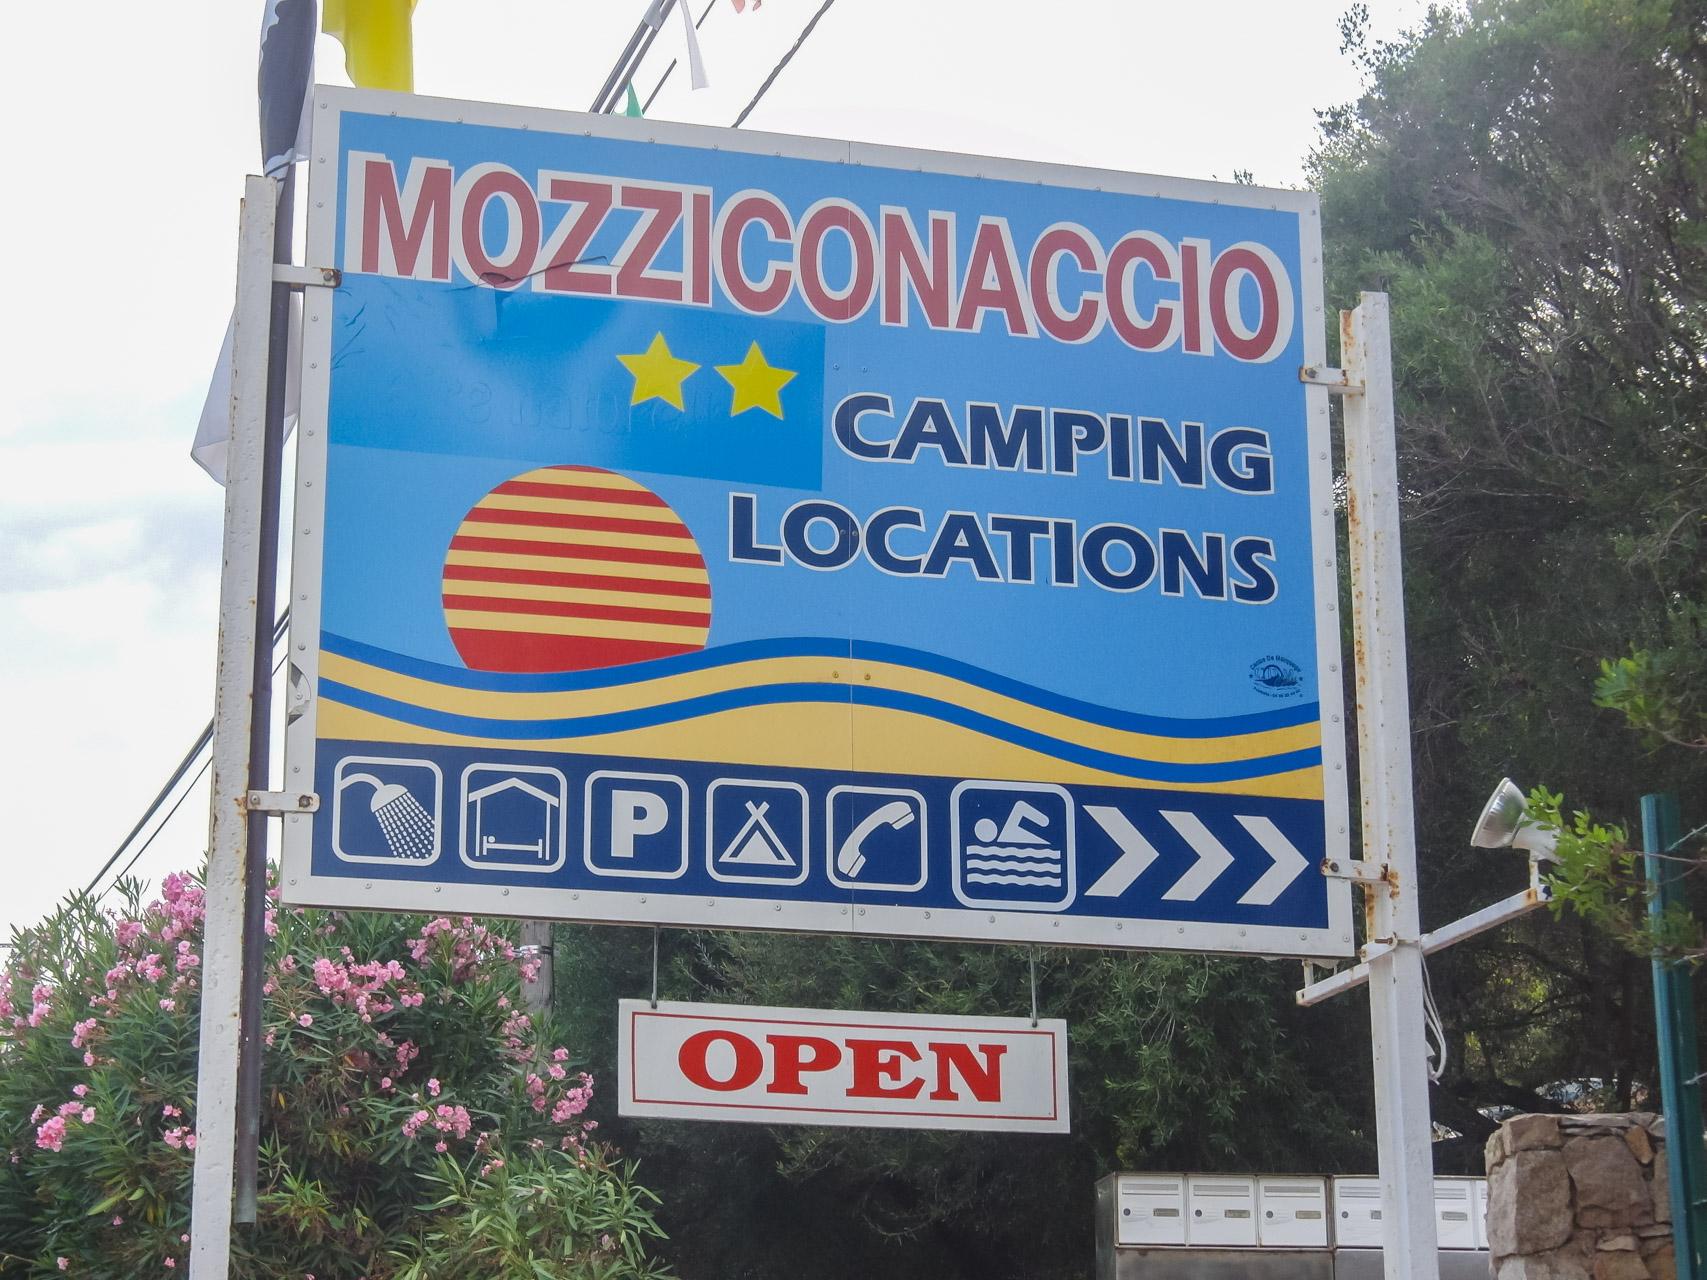 Camping Mozziconaccio